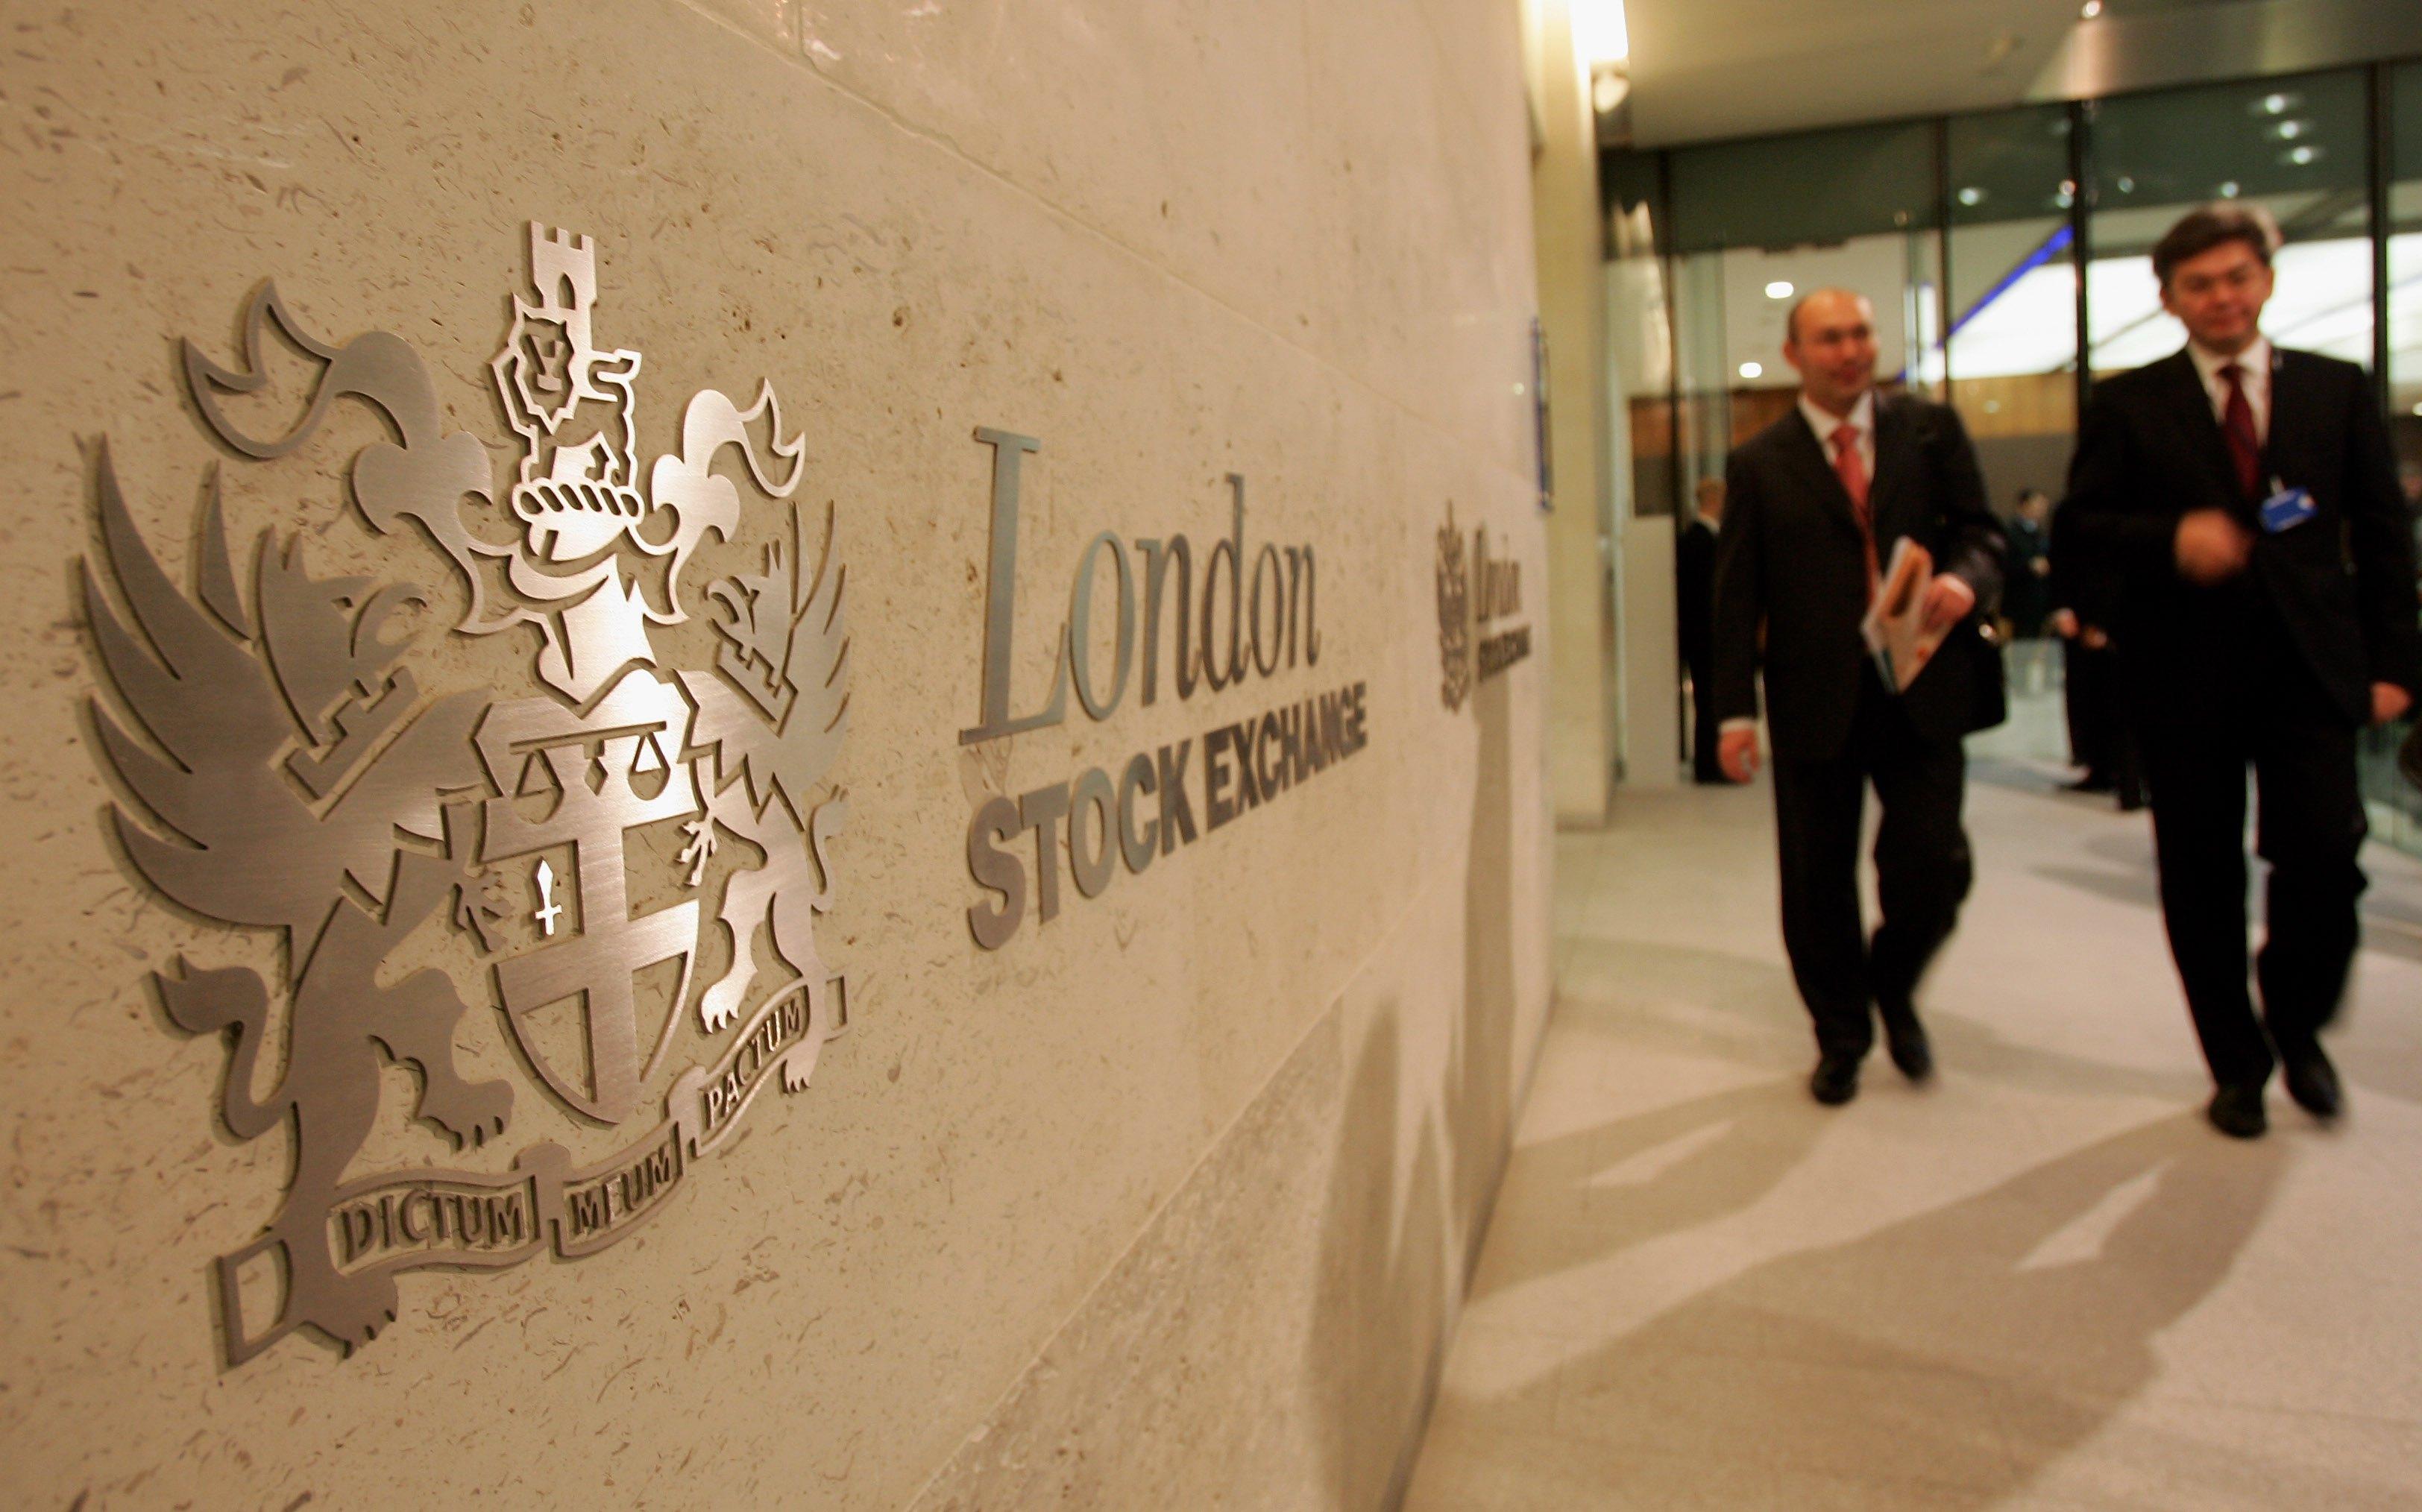 LSE boss David Schwimmer feels 'very good' about Refinitiv deal after snubbing Hong Kong offer